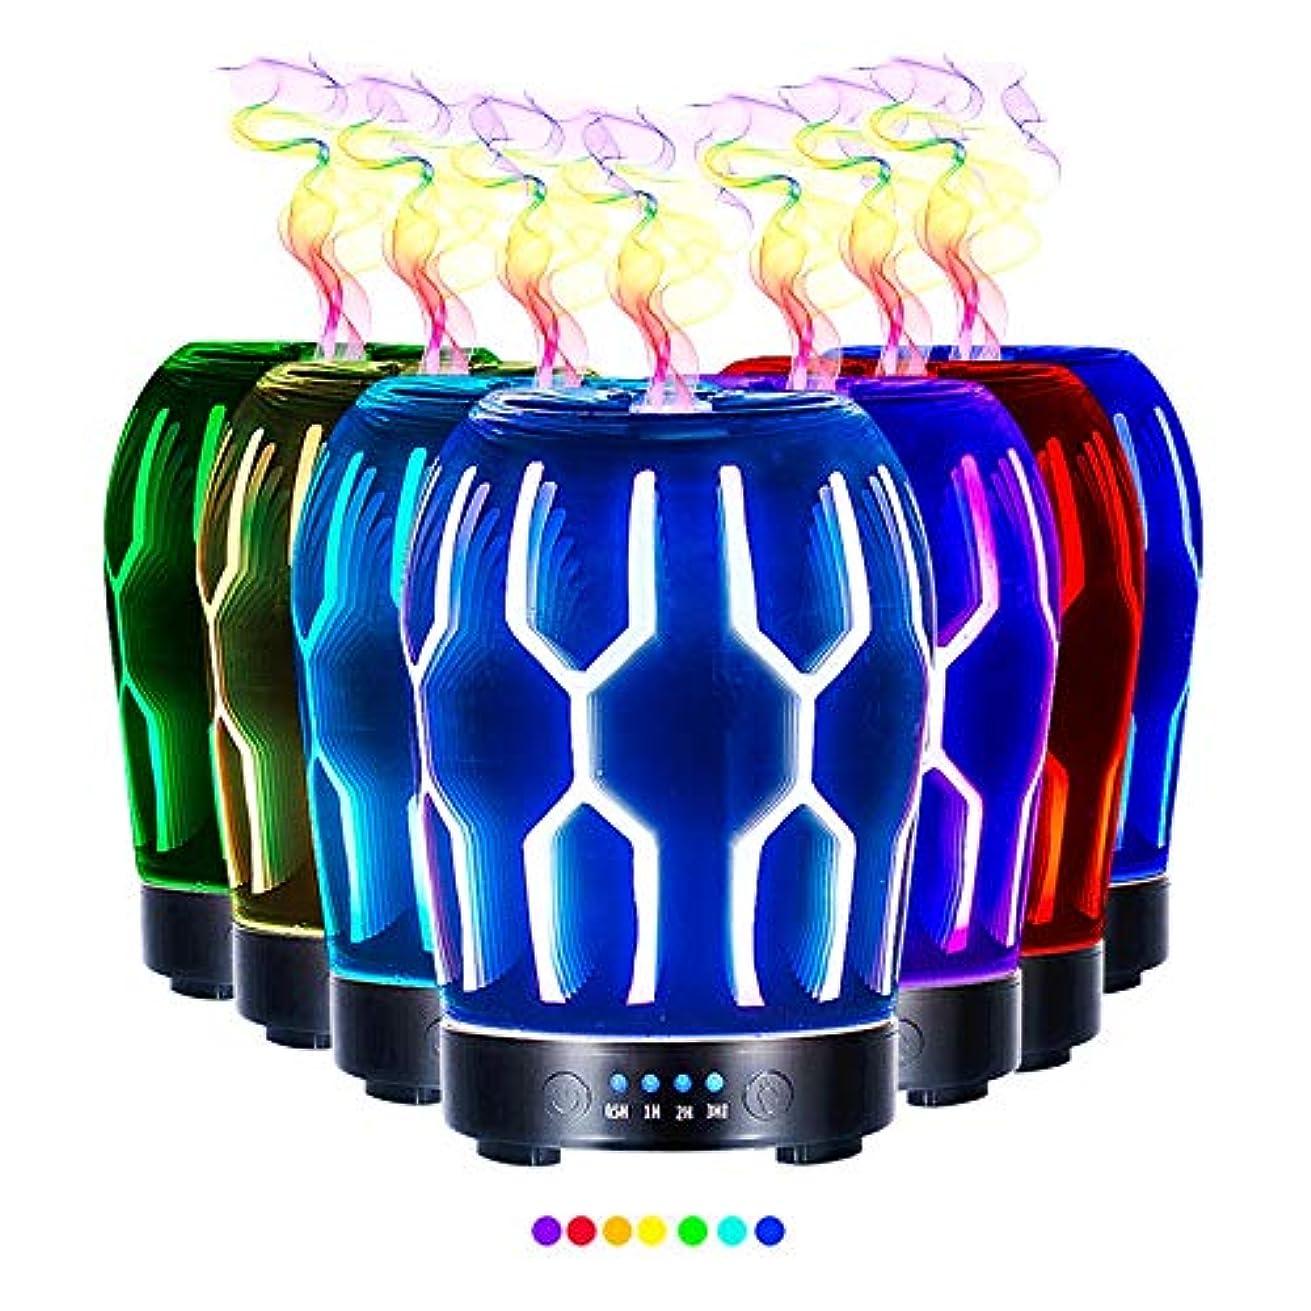 書士植物学予知エッセンシャルオイル用ディフューザー (100ml)-クリエイティブガラスハッカーマトリックスアロマ加湿器7色の変更 LED ライト & 4 タイマー設定、水なしの自動シャットオフ